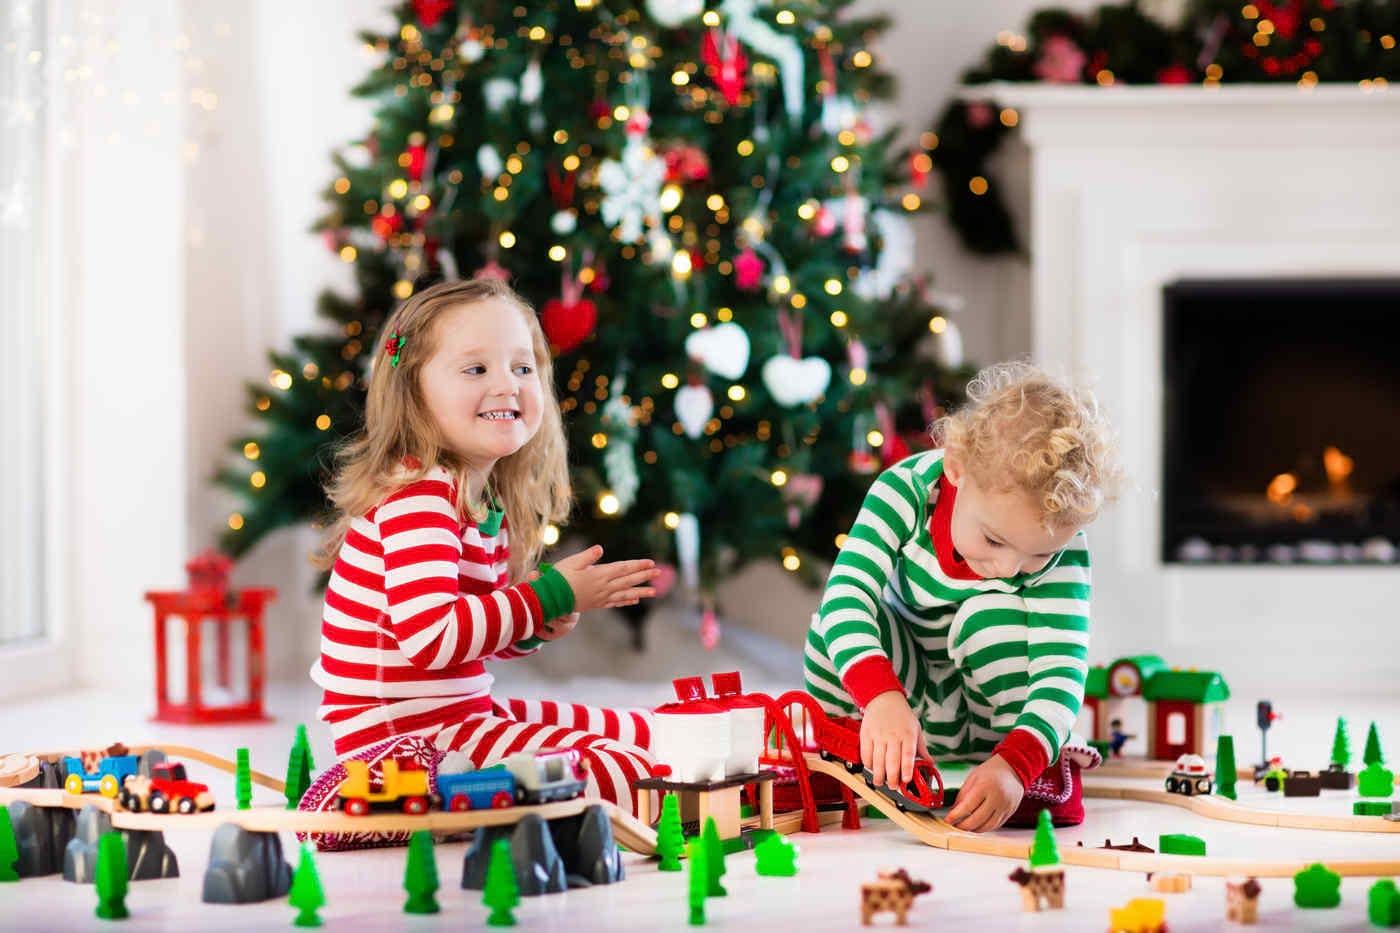 Jocuri și activități în familie în seara de Crăciun